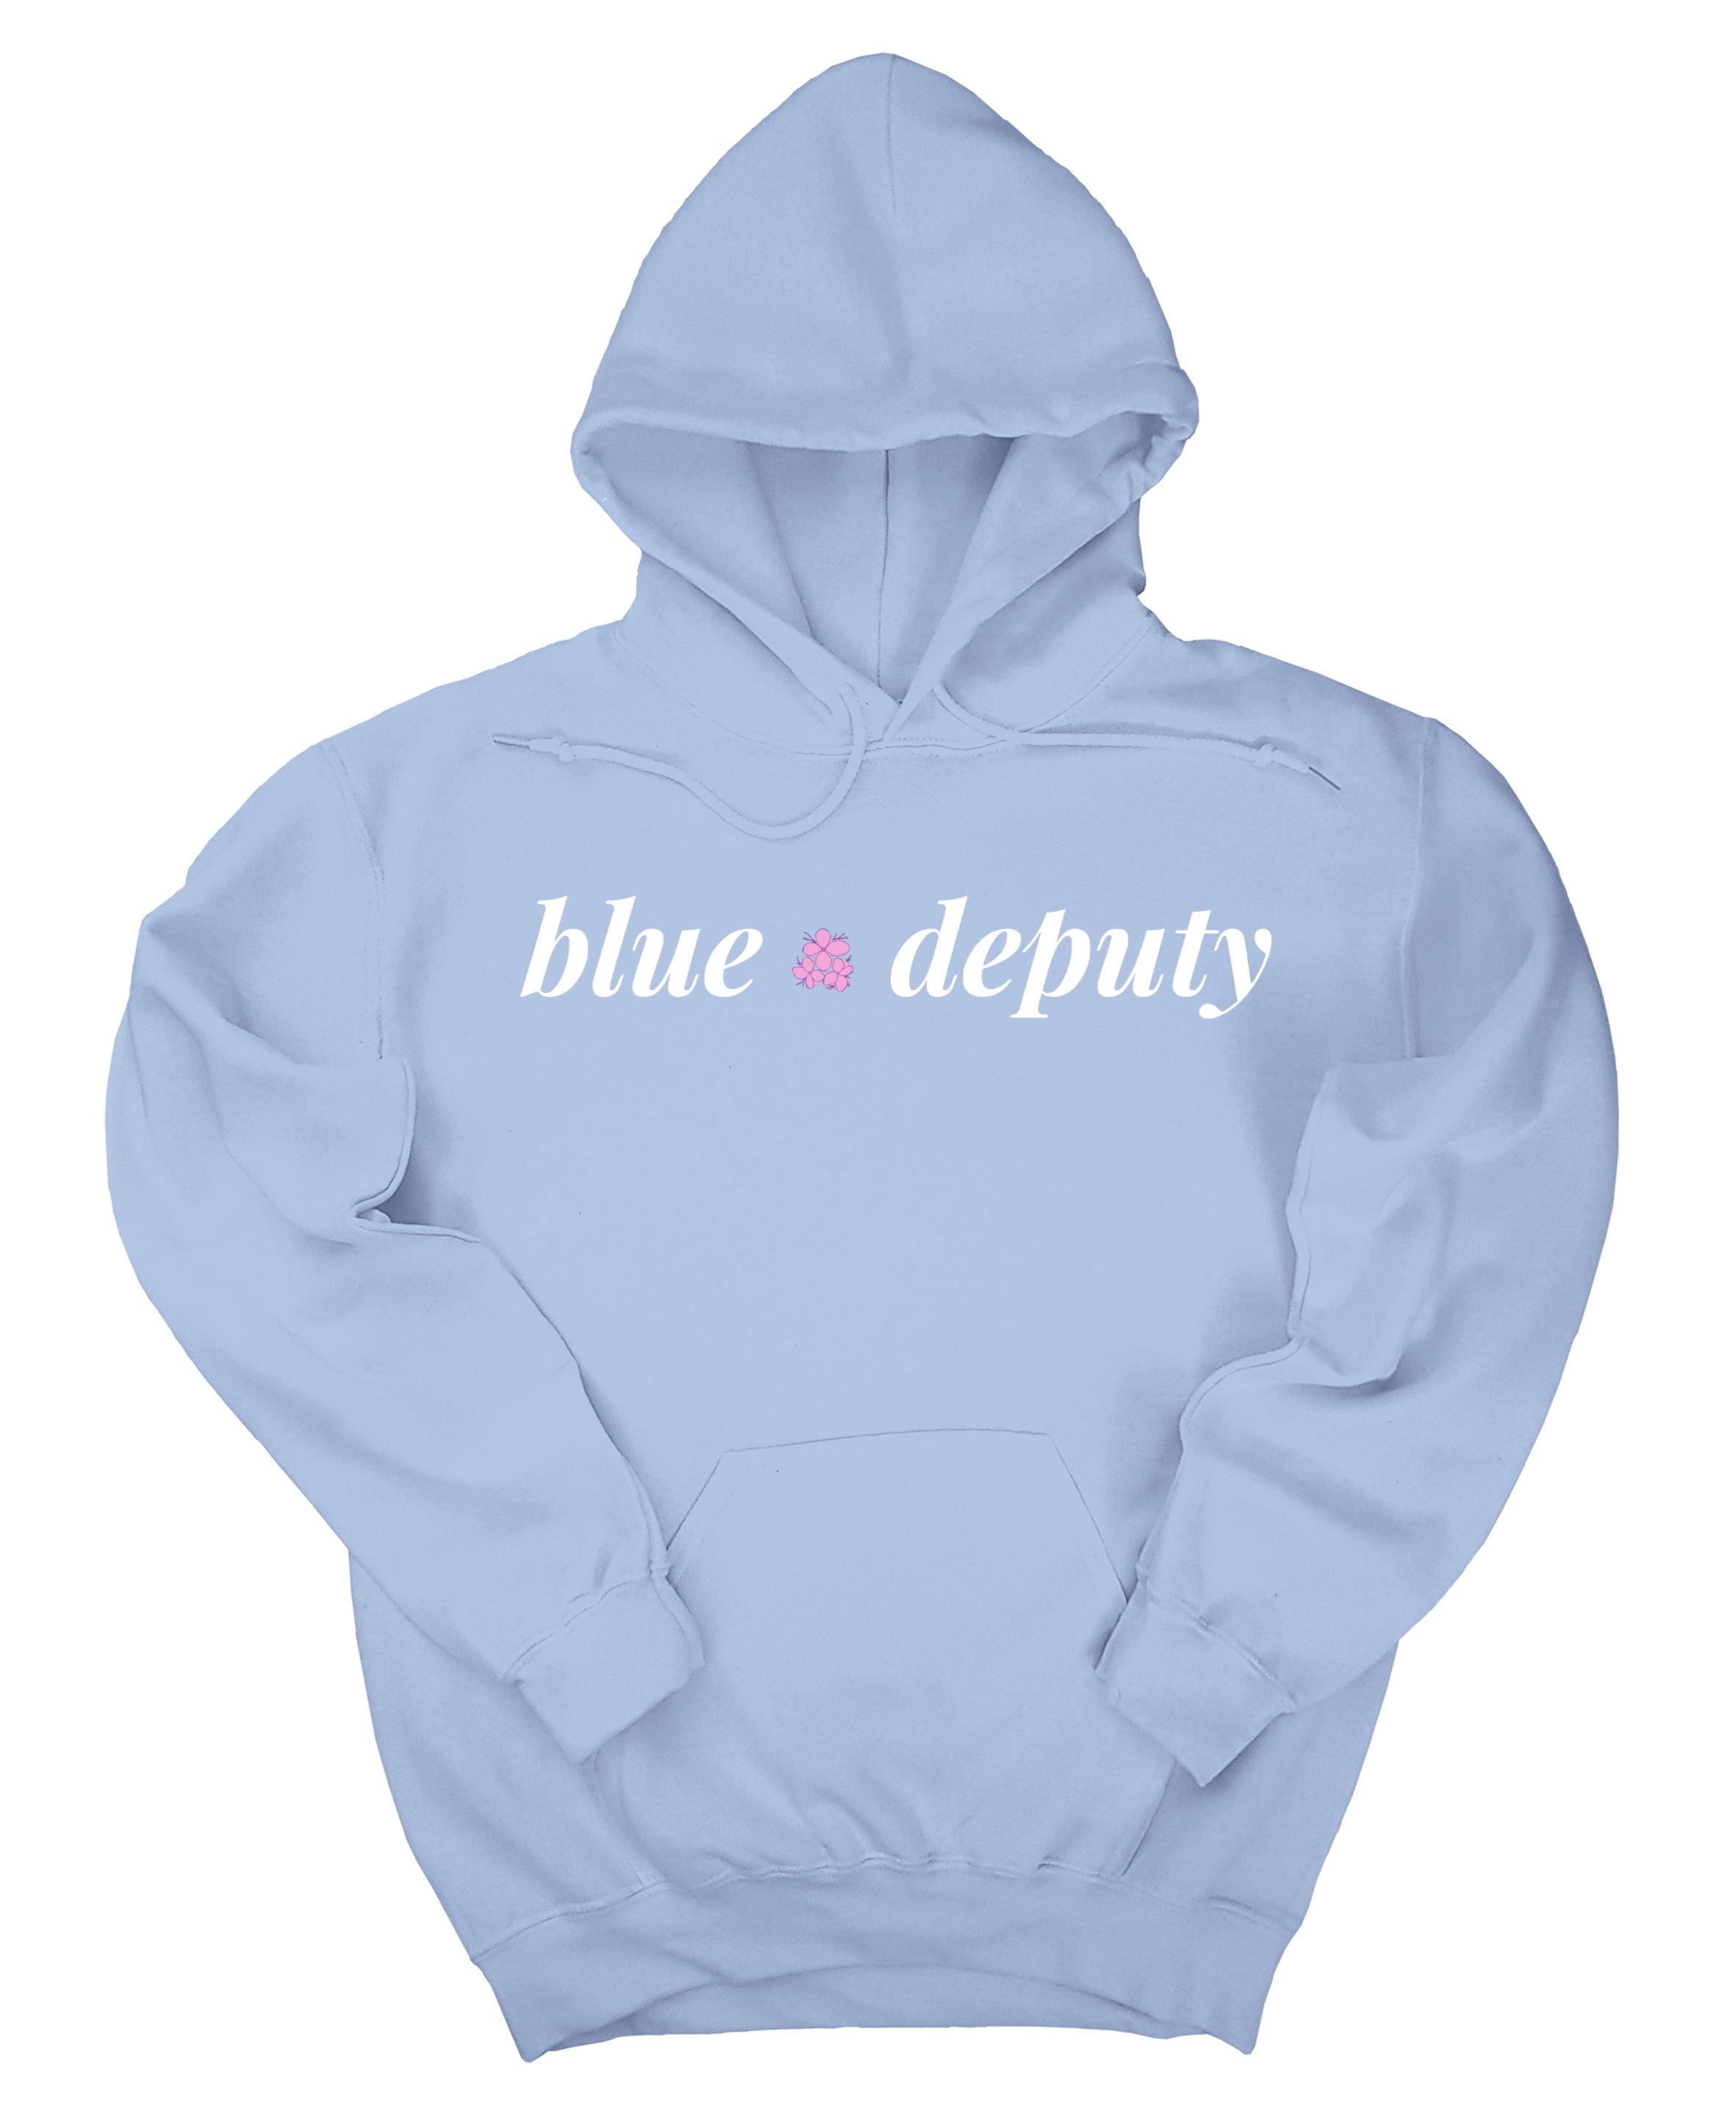 Blue Deputy Hoodie